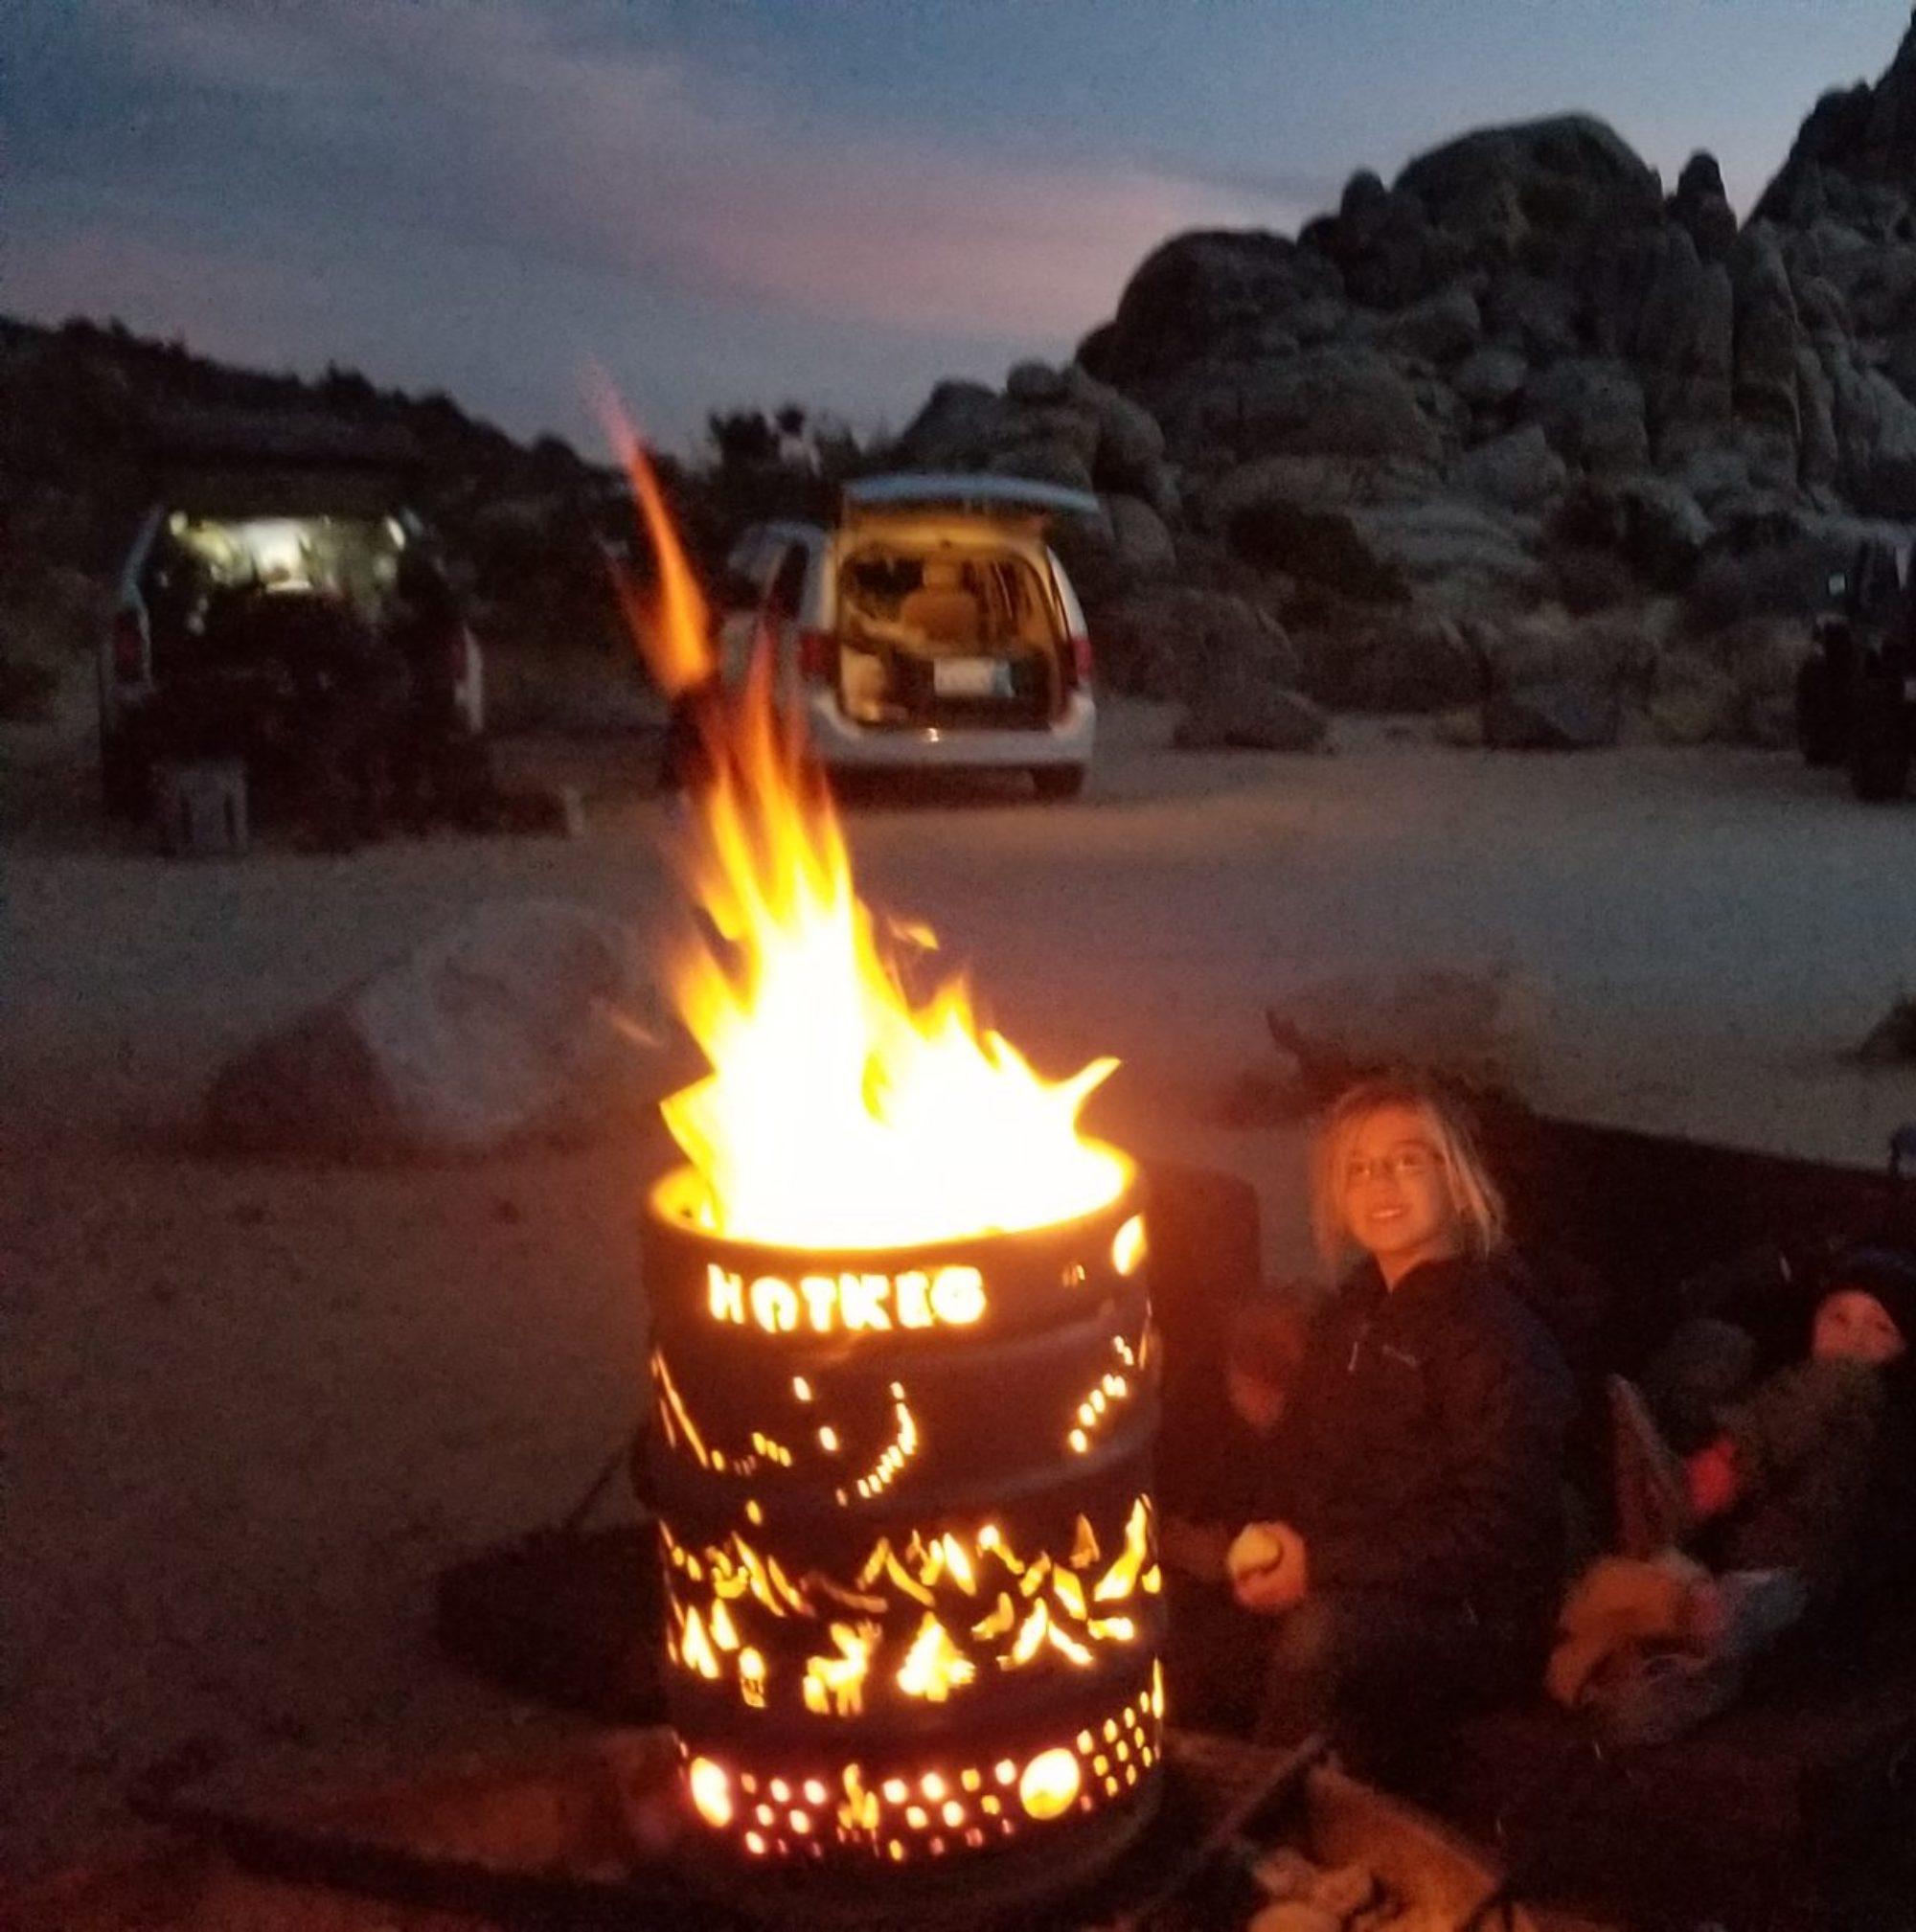 Hotkeg smokeless fire-pit